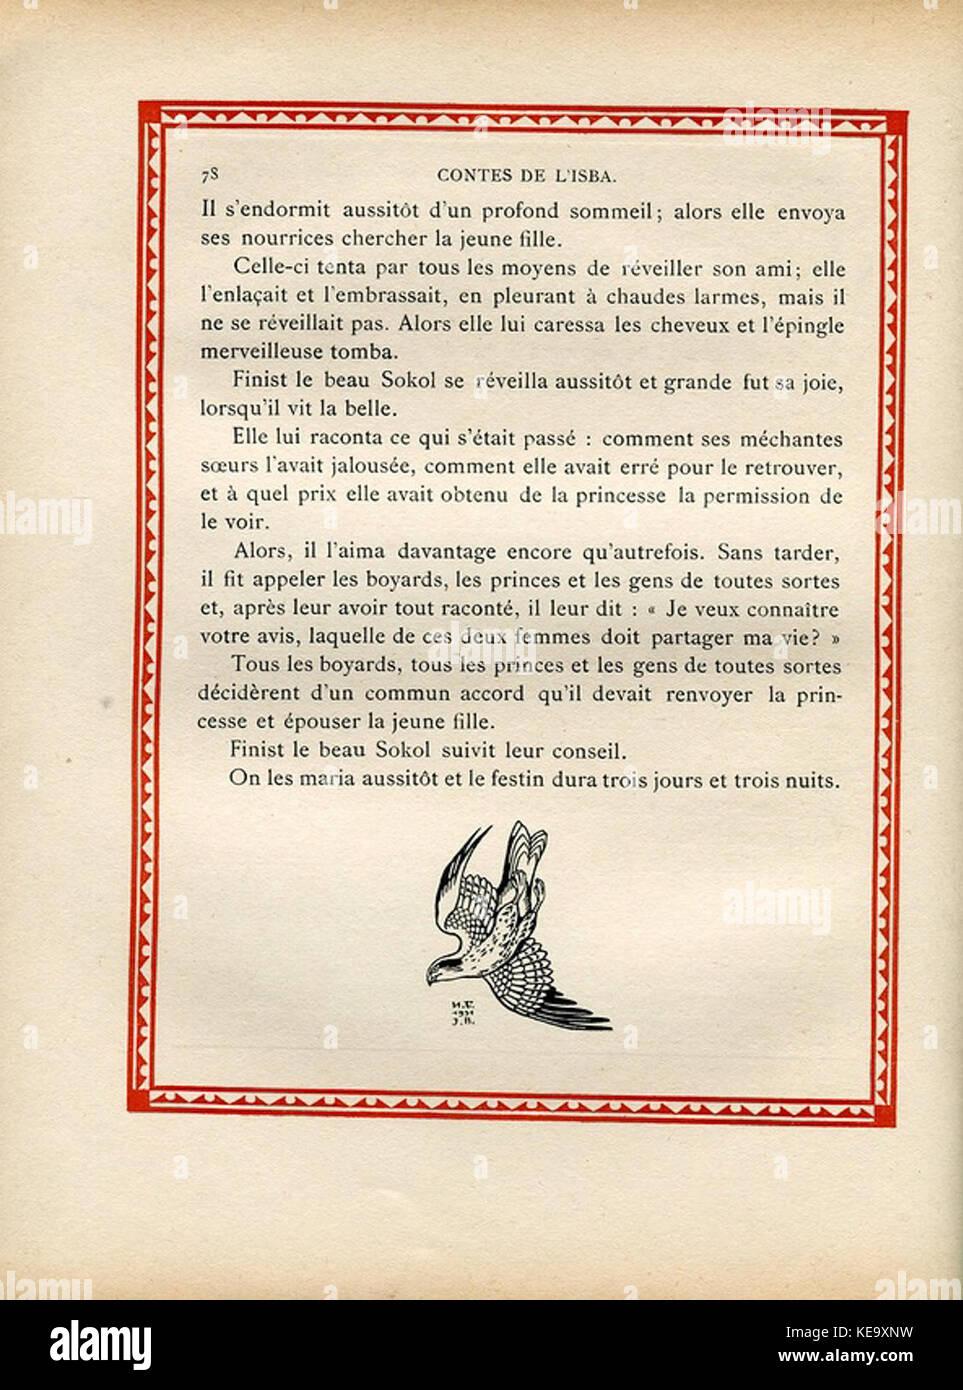 Contes de l'isba (1931)   Une plume de Finist le Beau Sokol 6 - Stock Image